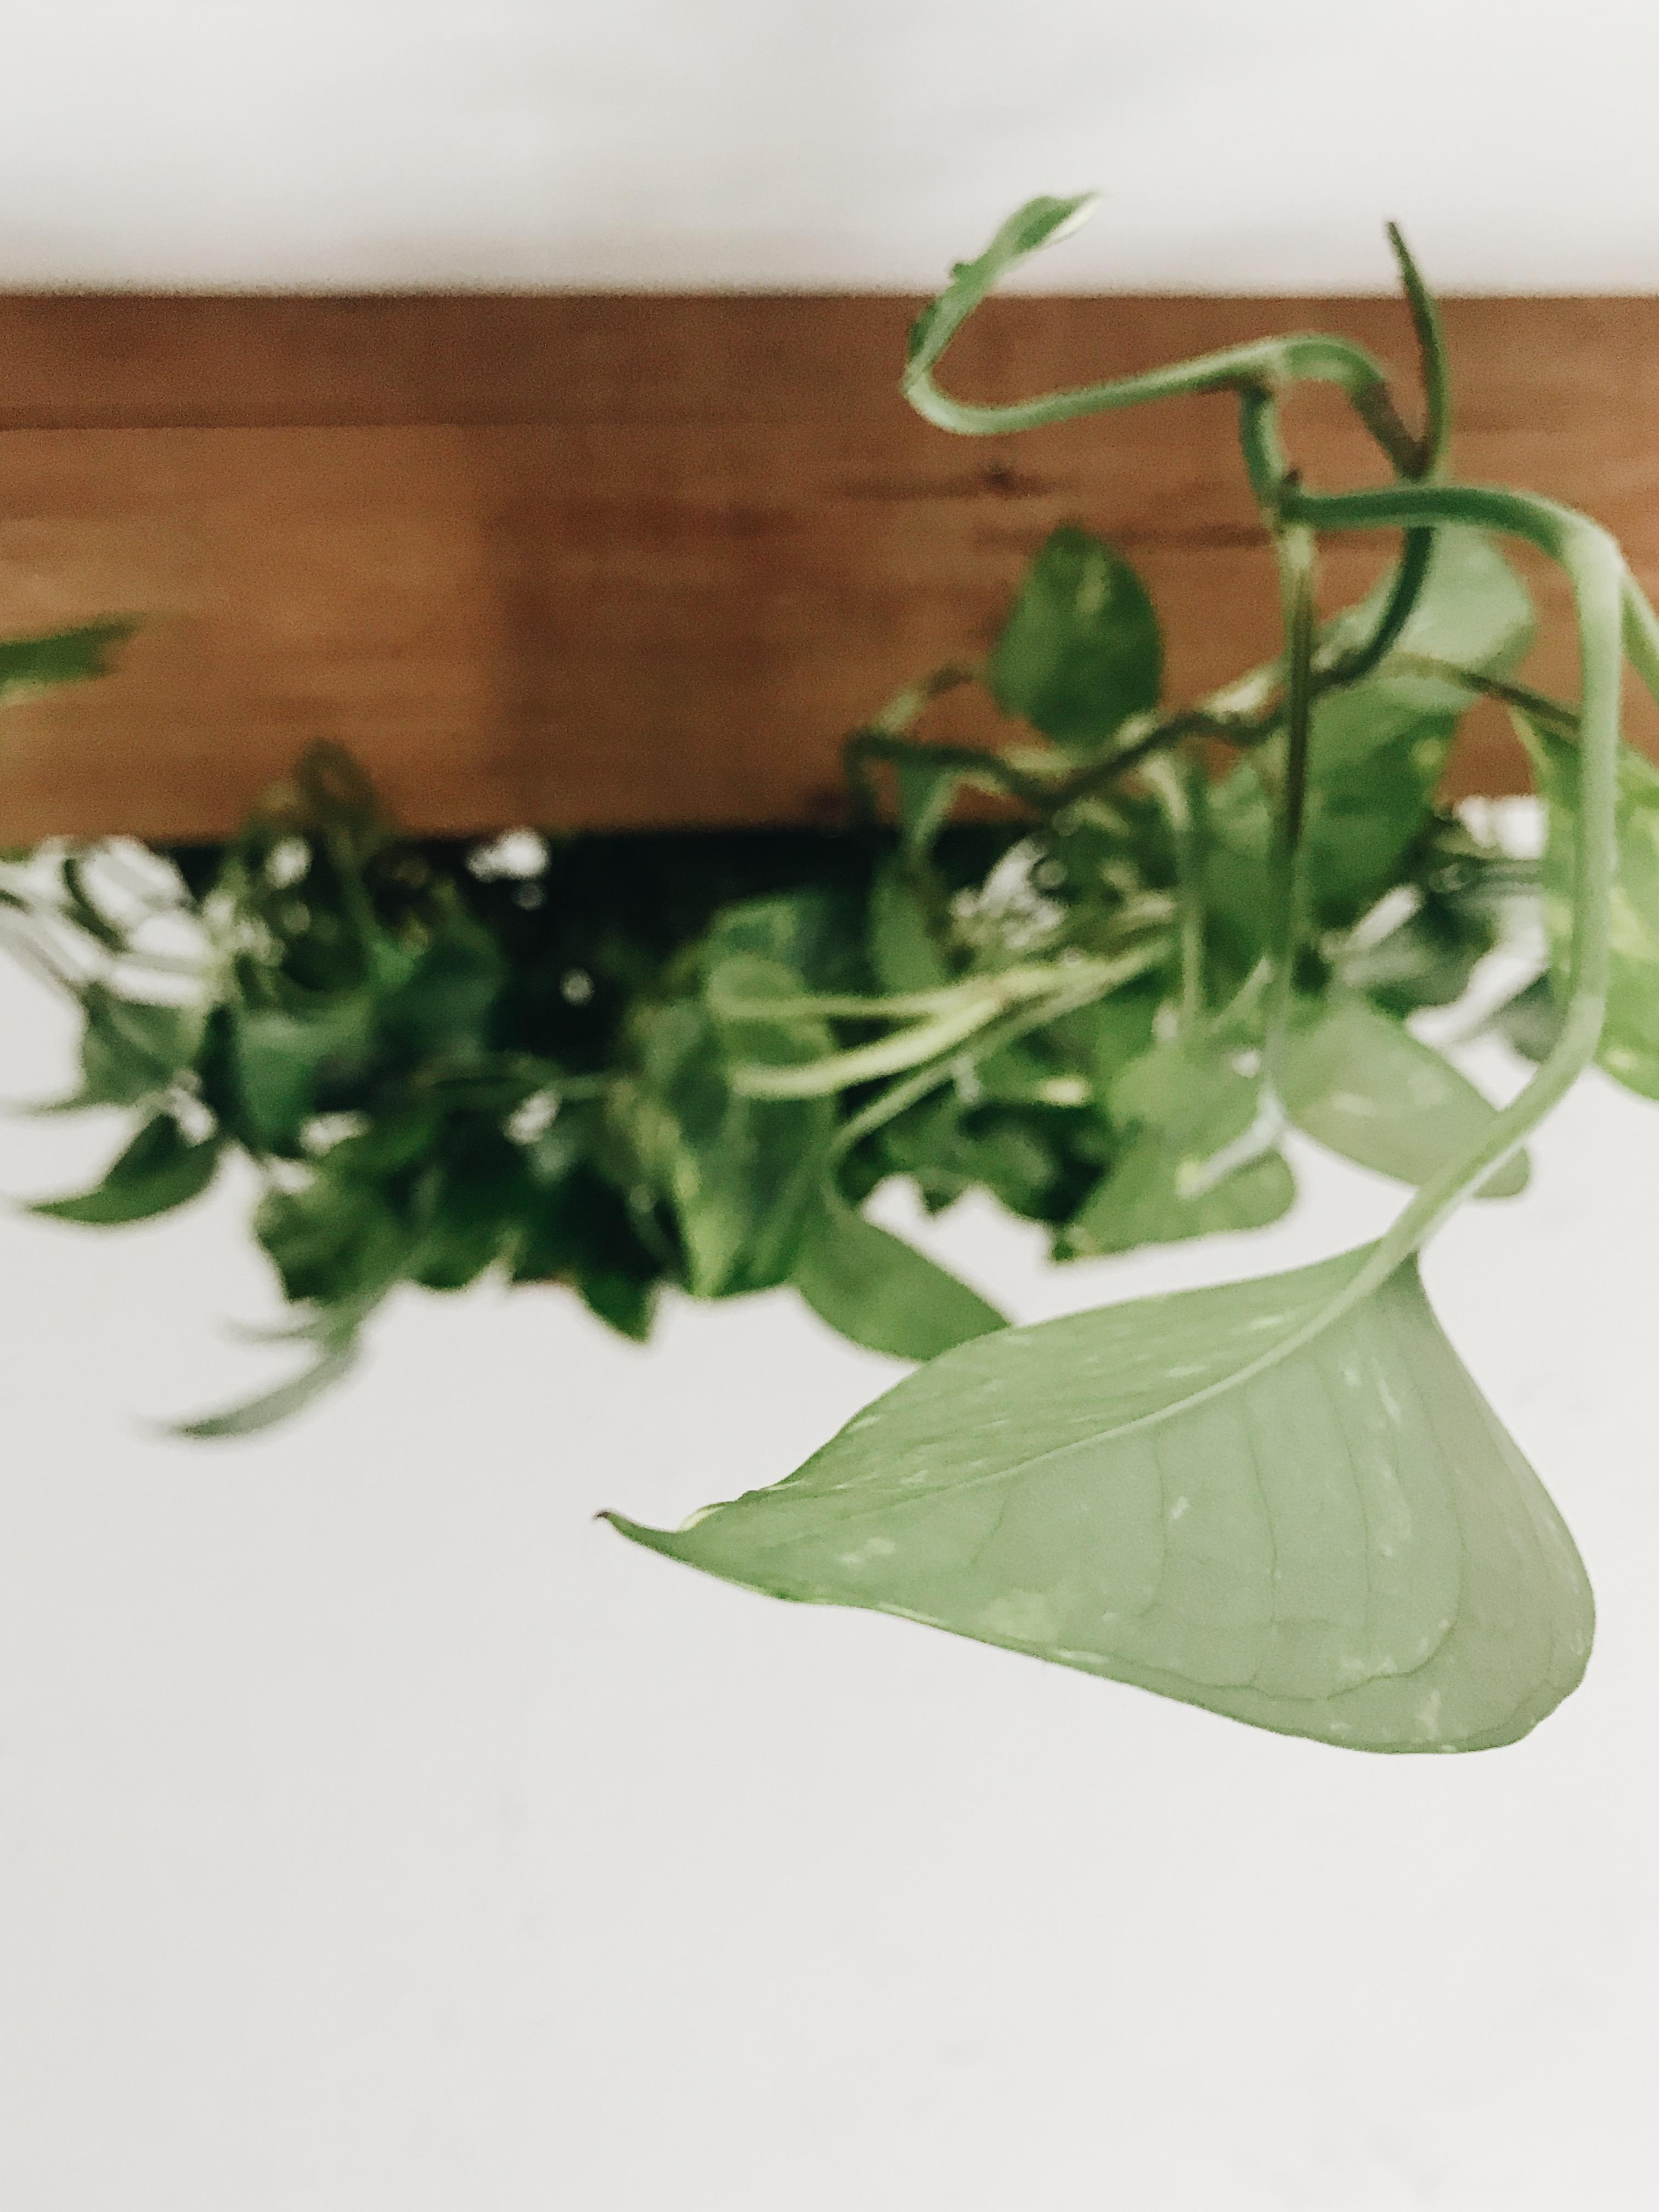 shelf and plant drape